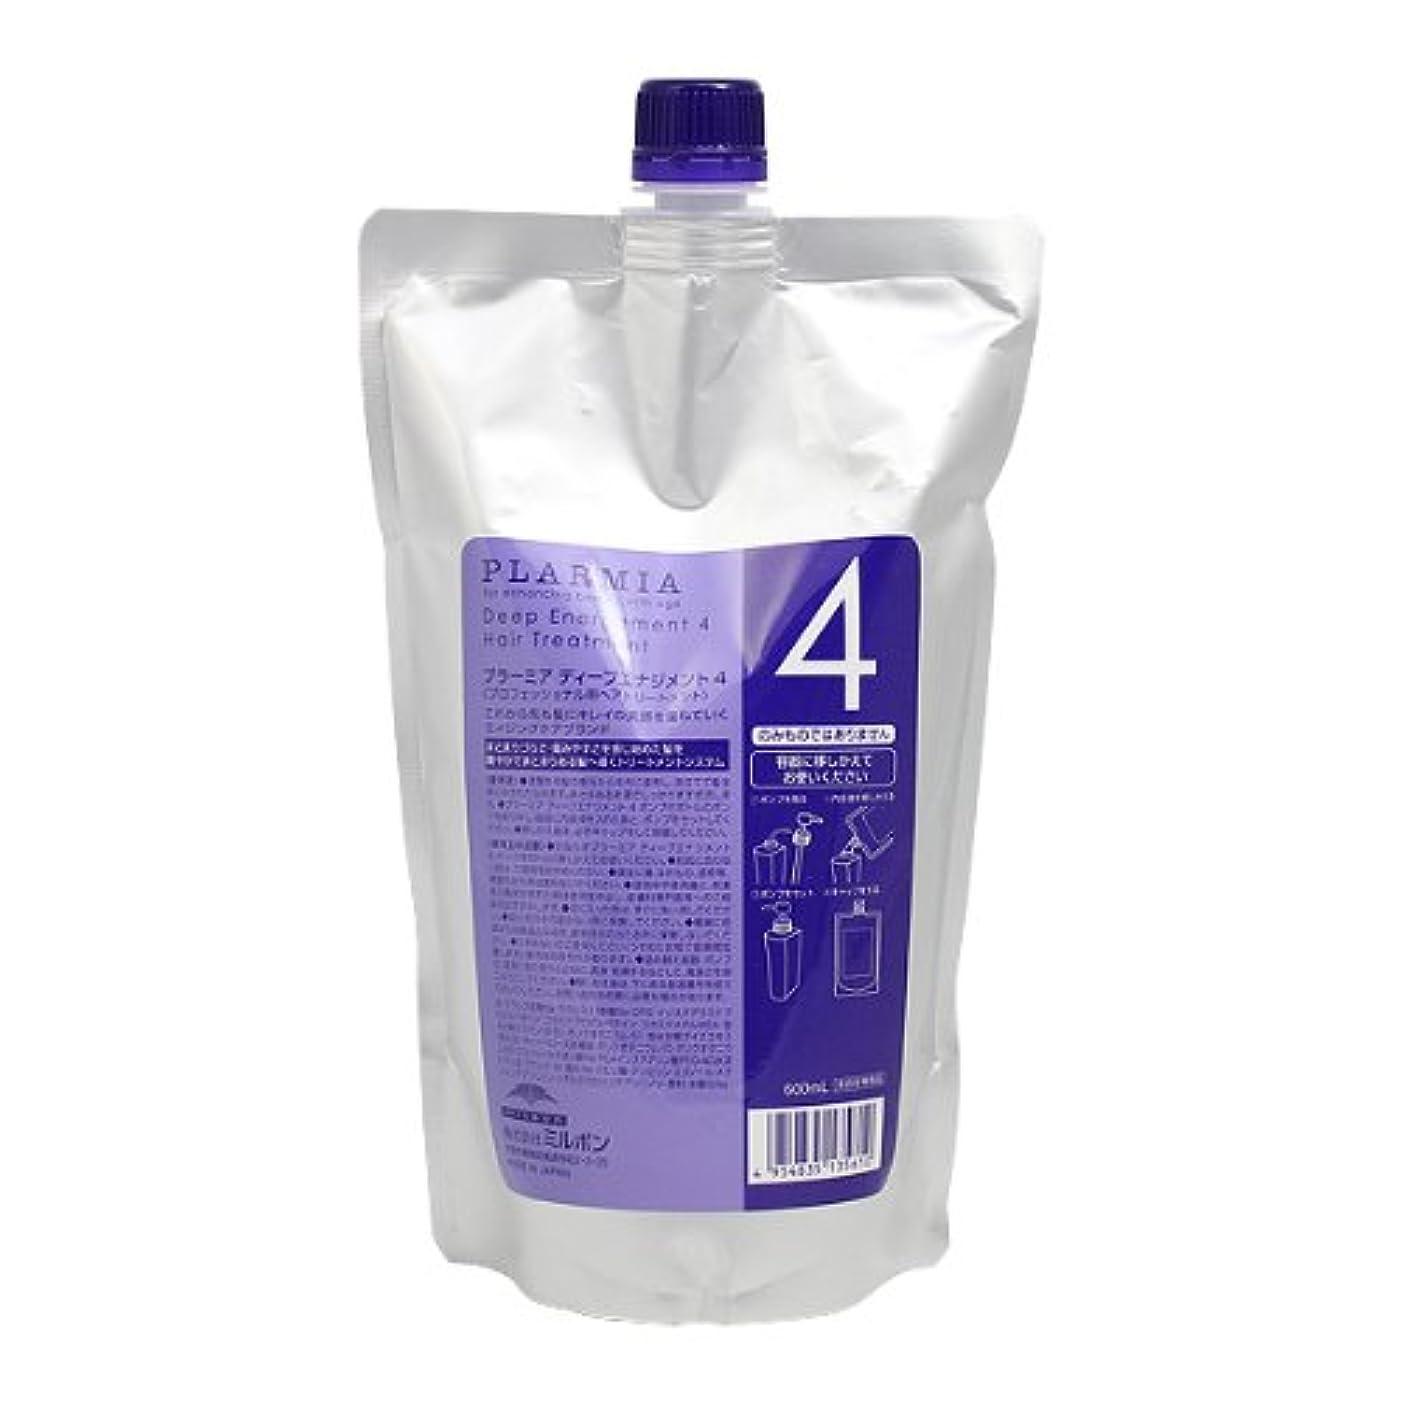 プレーヤーターゲット印刷するミルボン プラーミア ディープエナジメント4 詰替用 600ml 詰替え用(レフィル)